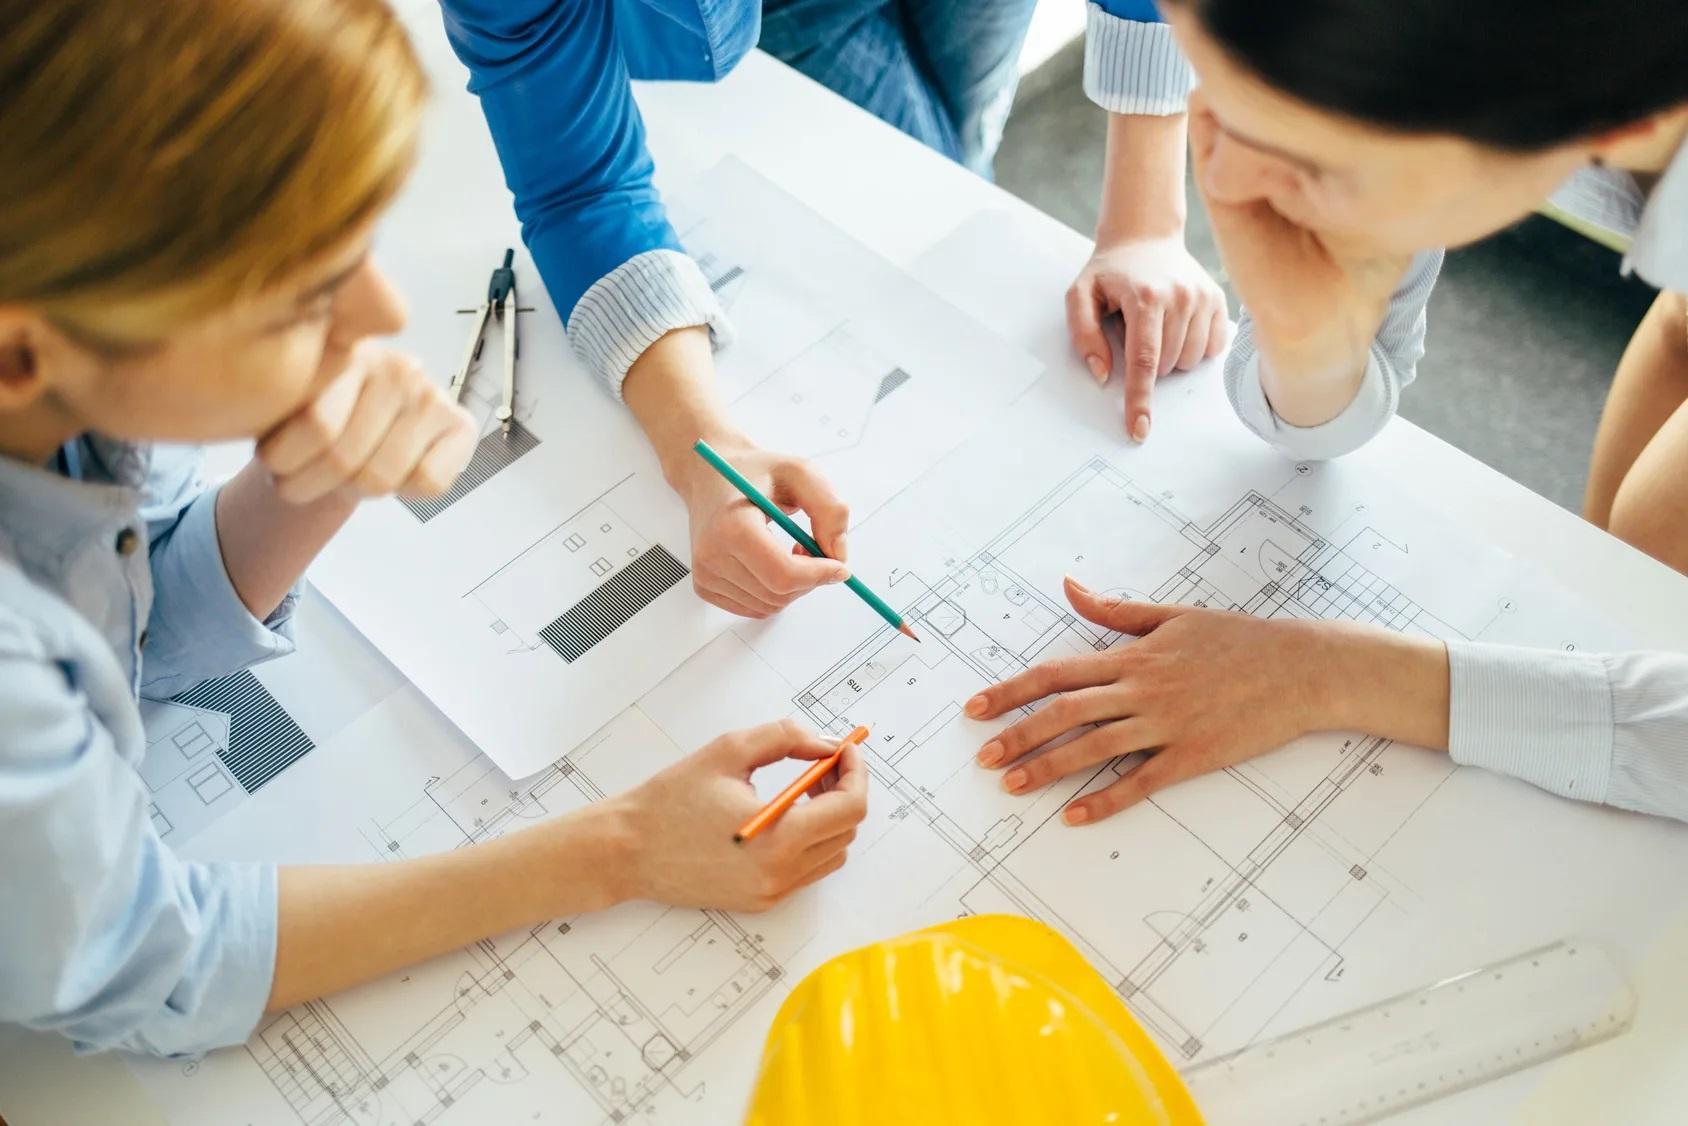 آیا امکان کاهش دادن میزان تعرفه طراحی داخلی نظام مهندسی وجود دارد؟